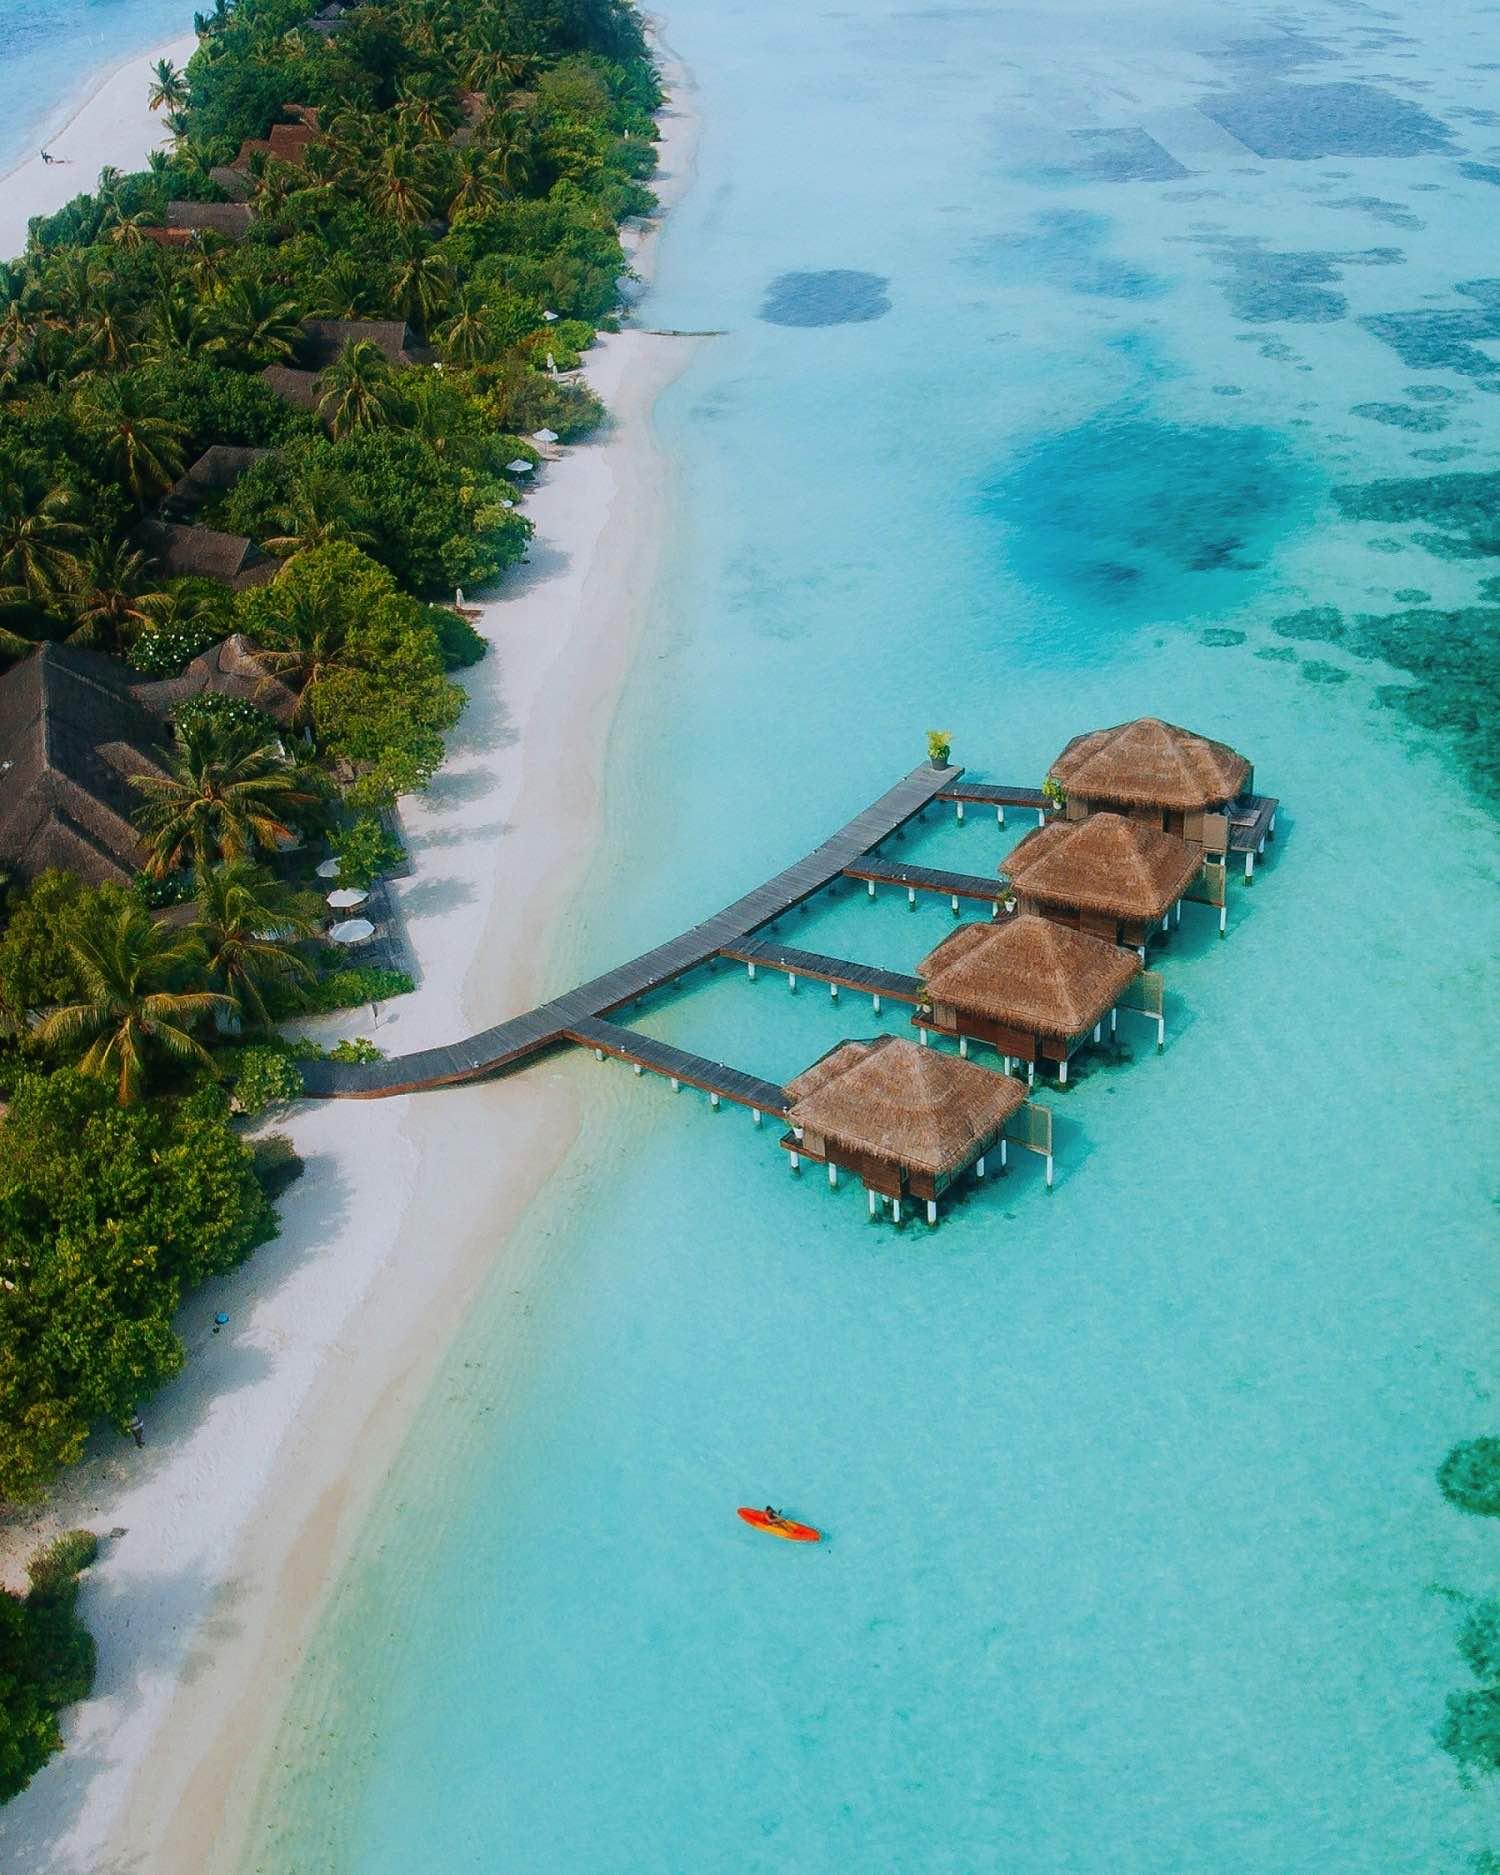 去馬爾代夫渡假?  南阿里環礁麗世度假村推全包式家庭住宿計劃